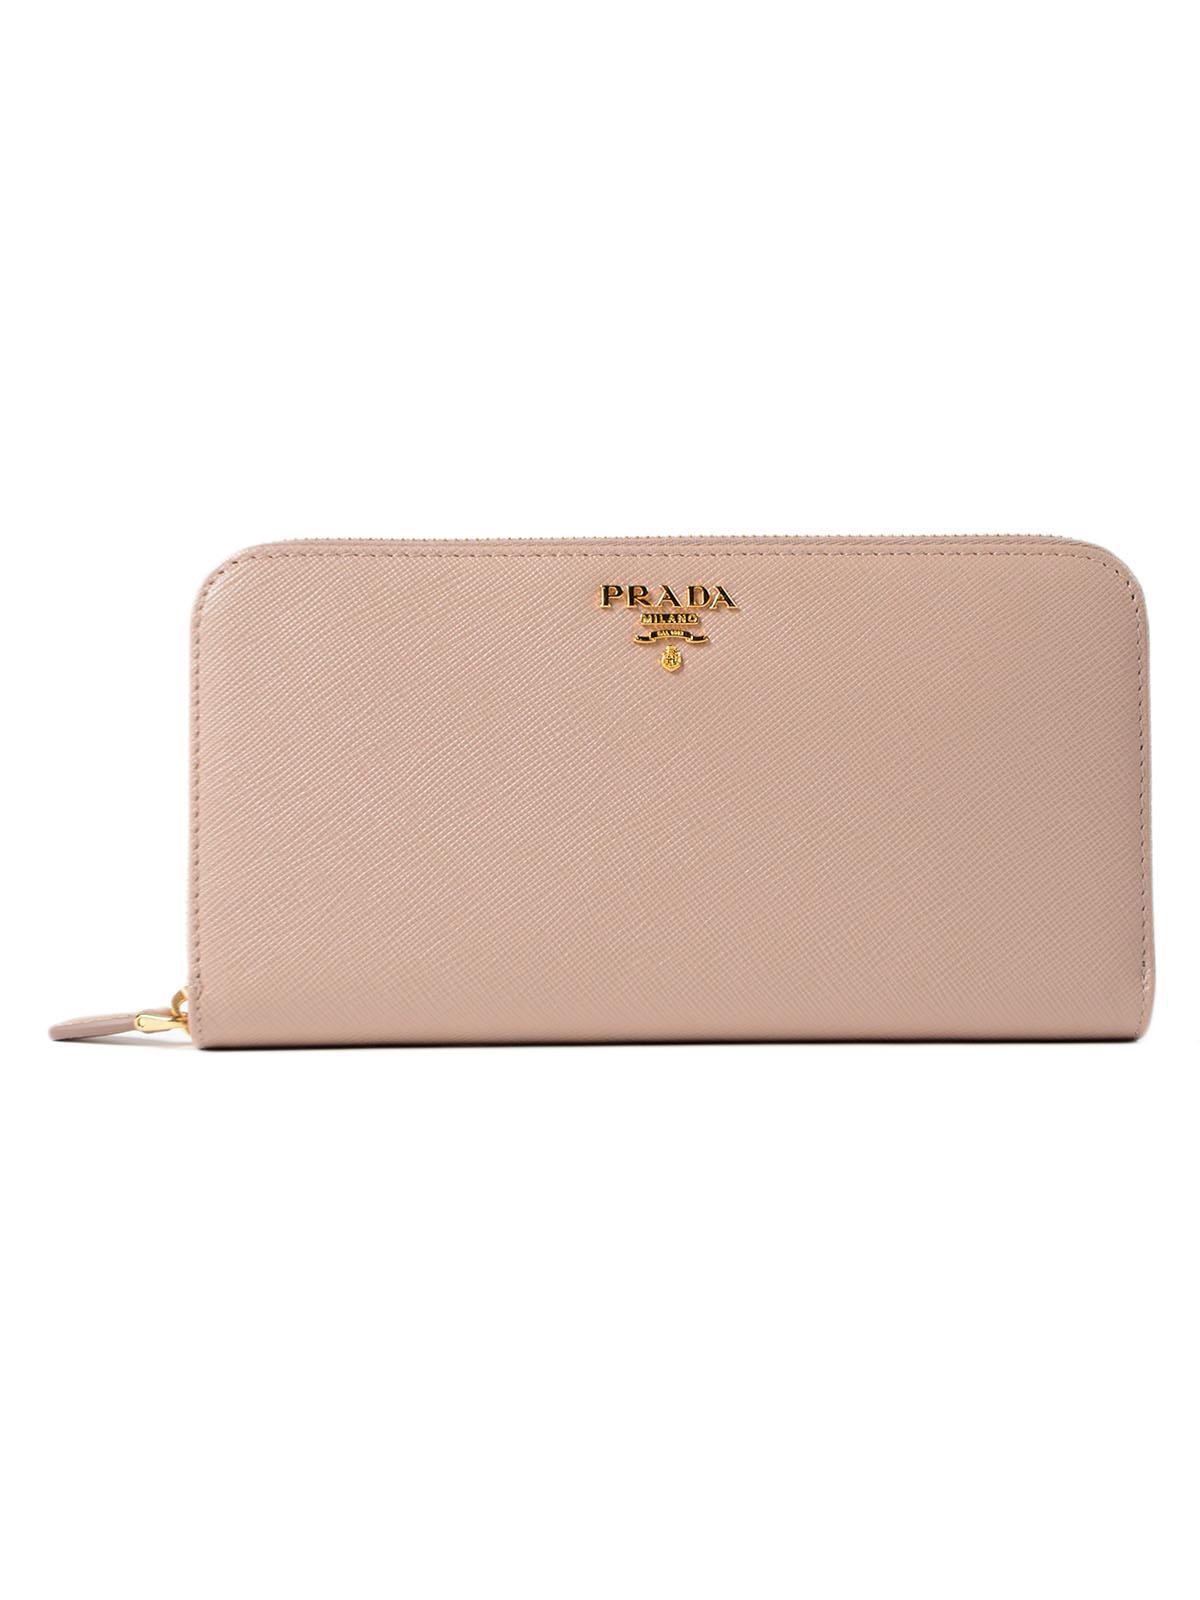 5539cbeadccc Prada - Multicolor Wallet Saffiano Metal Oro - Lyst